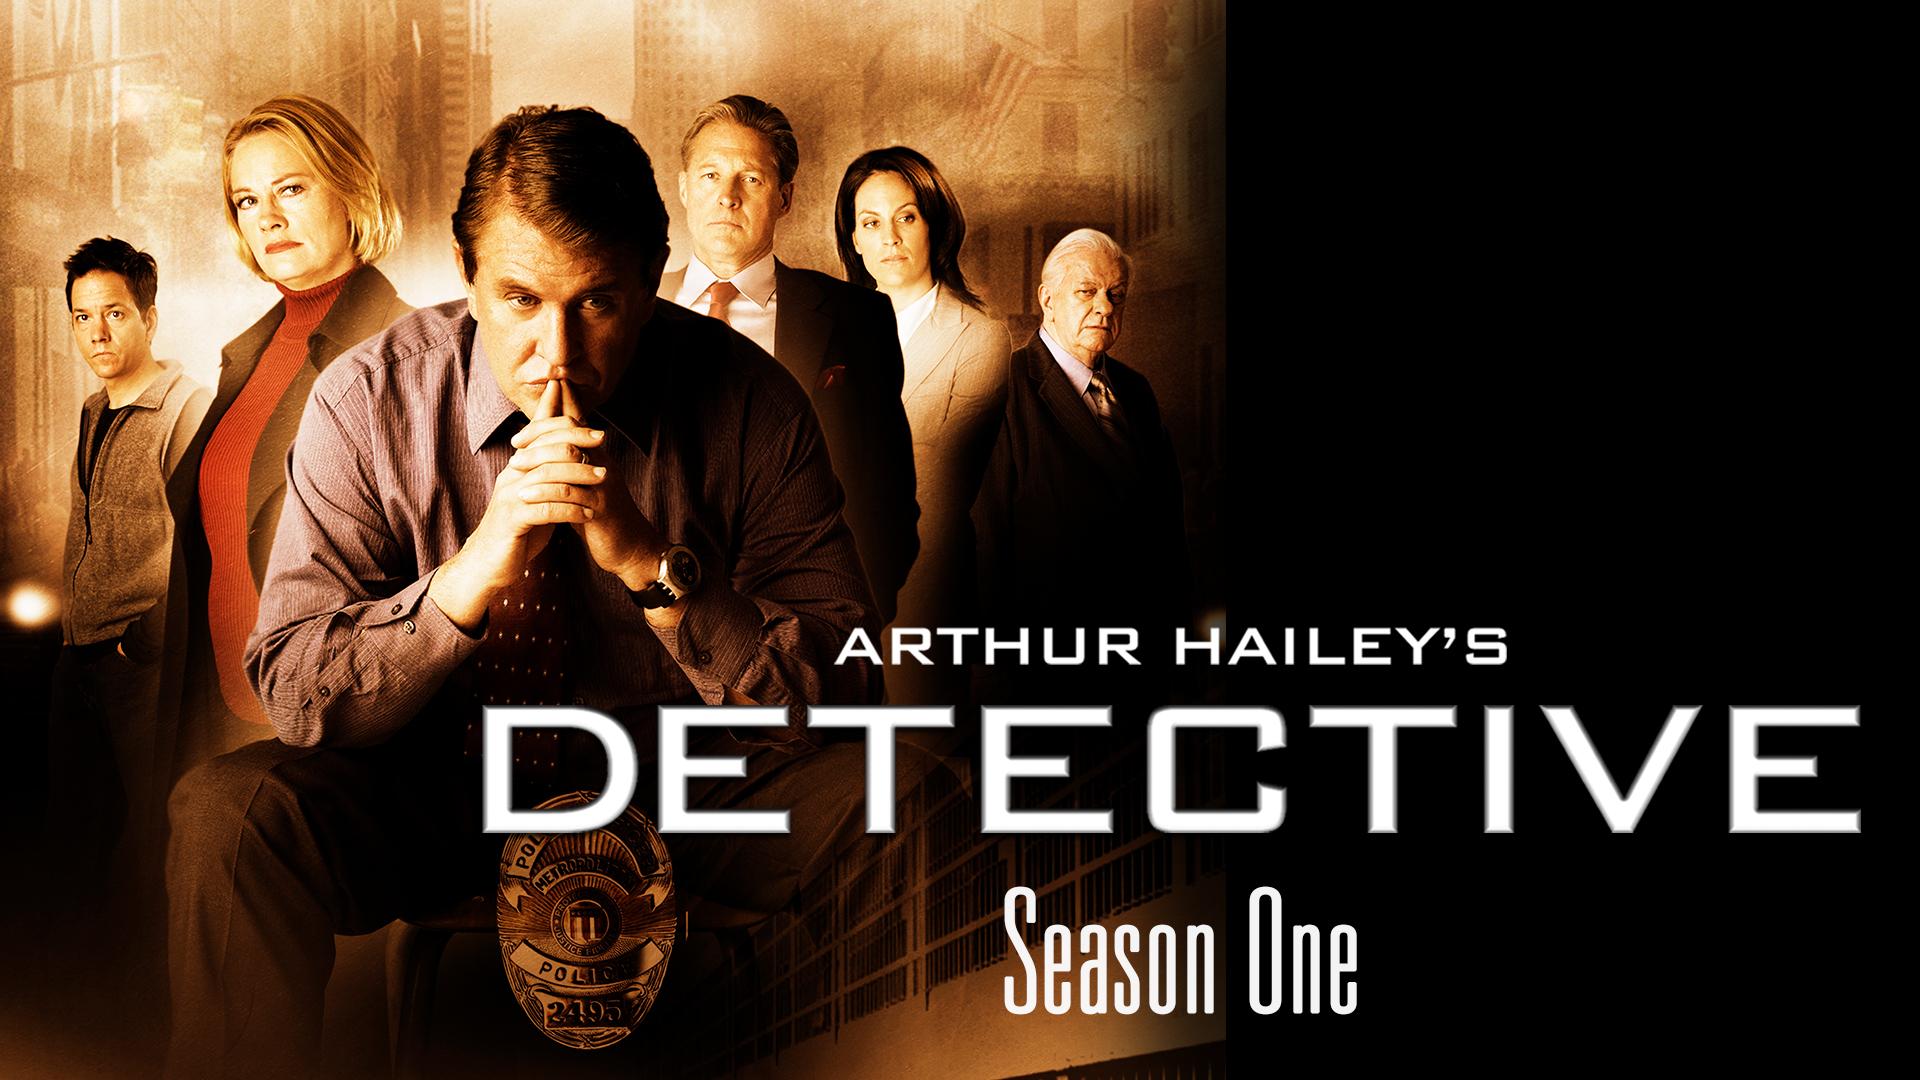 Arthur Hailey's Detective